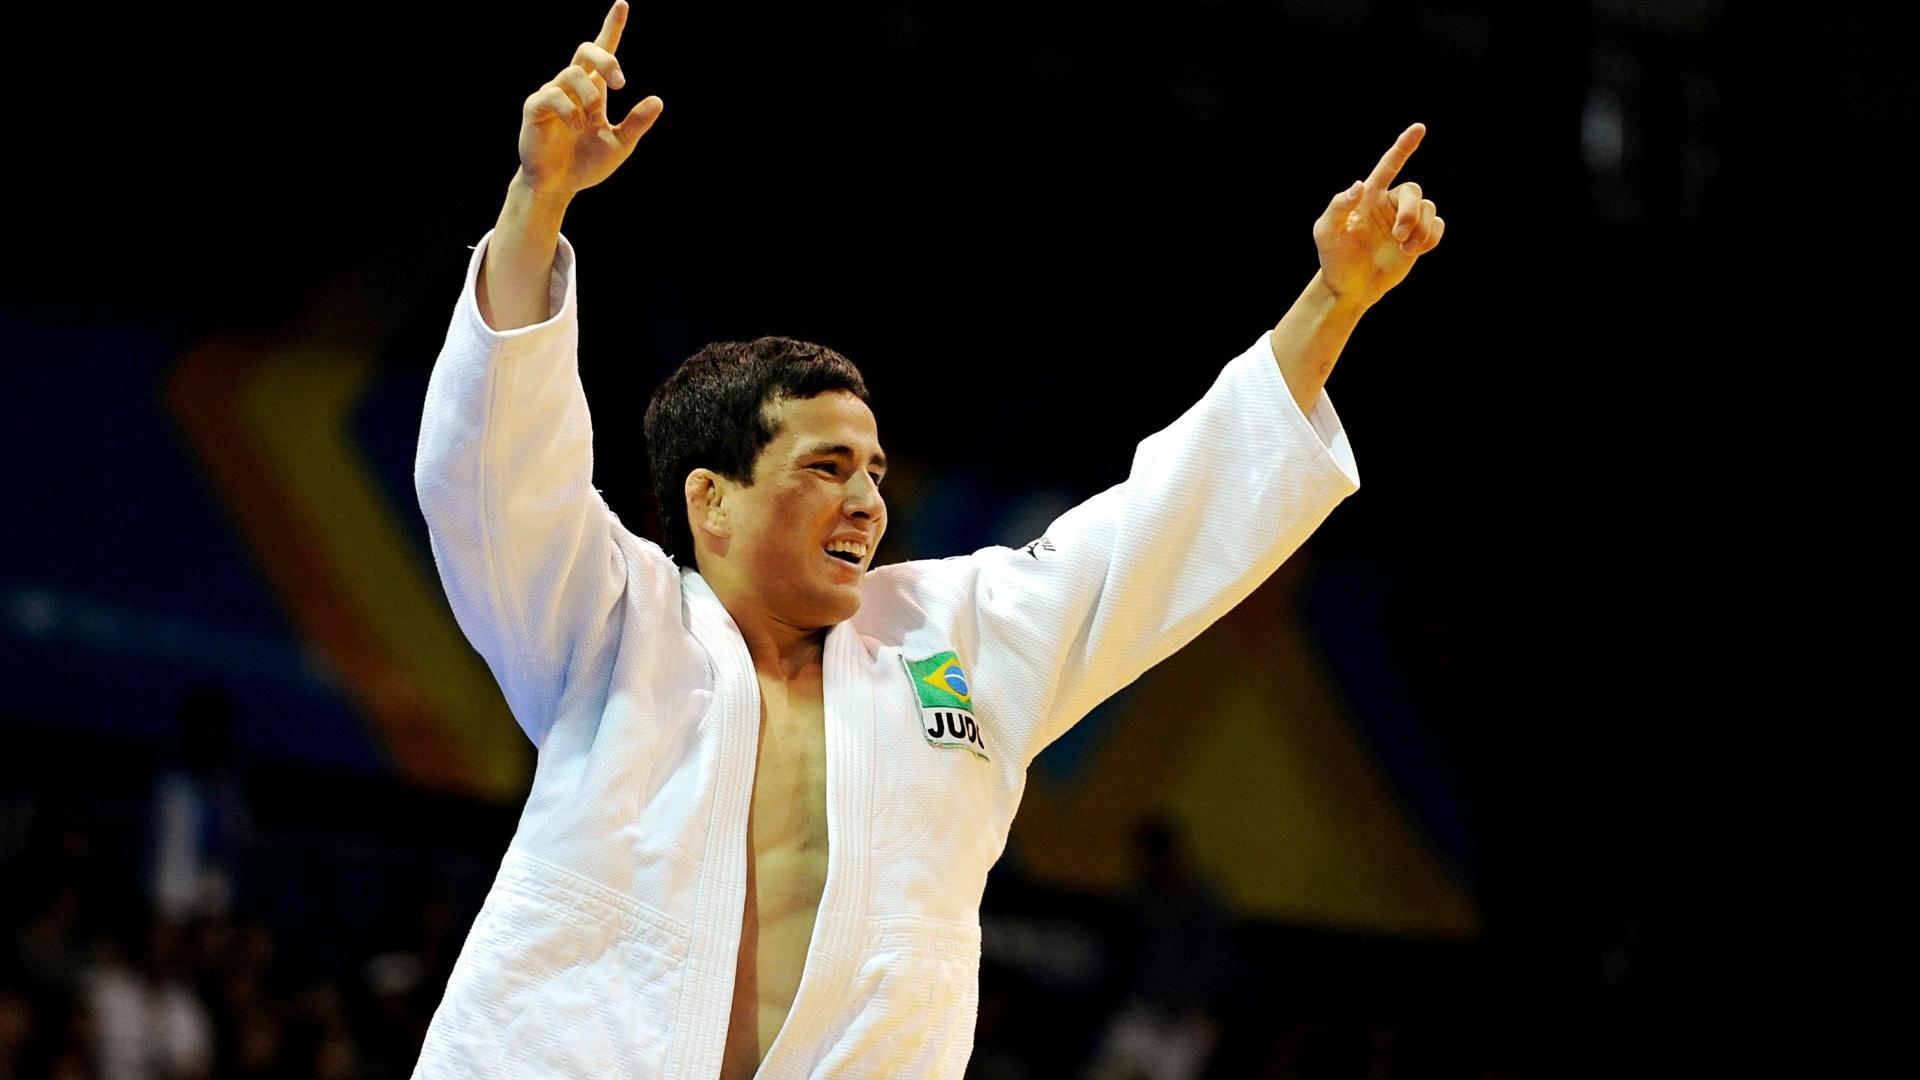 Judoca Felipe Kitadai comemora classificação para a decisão da medalha de ouro na categoria até 60 kg (29/10/2011)